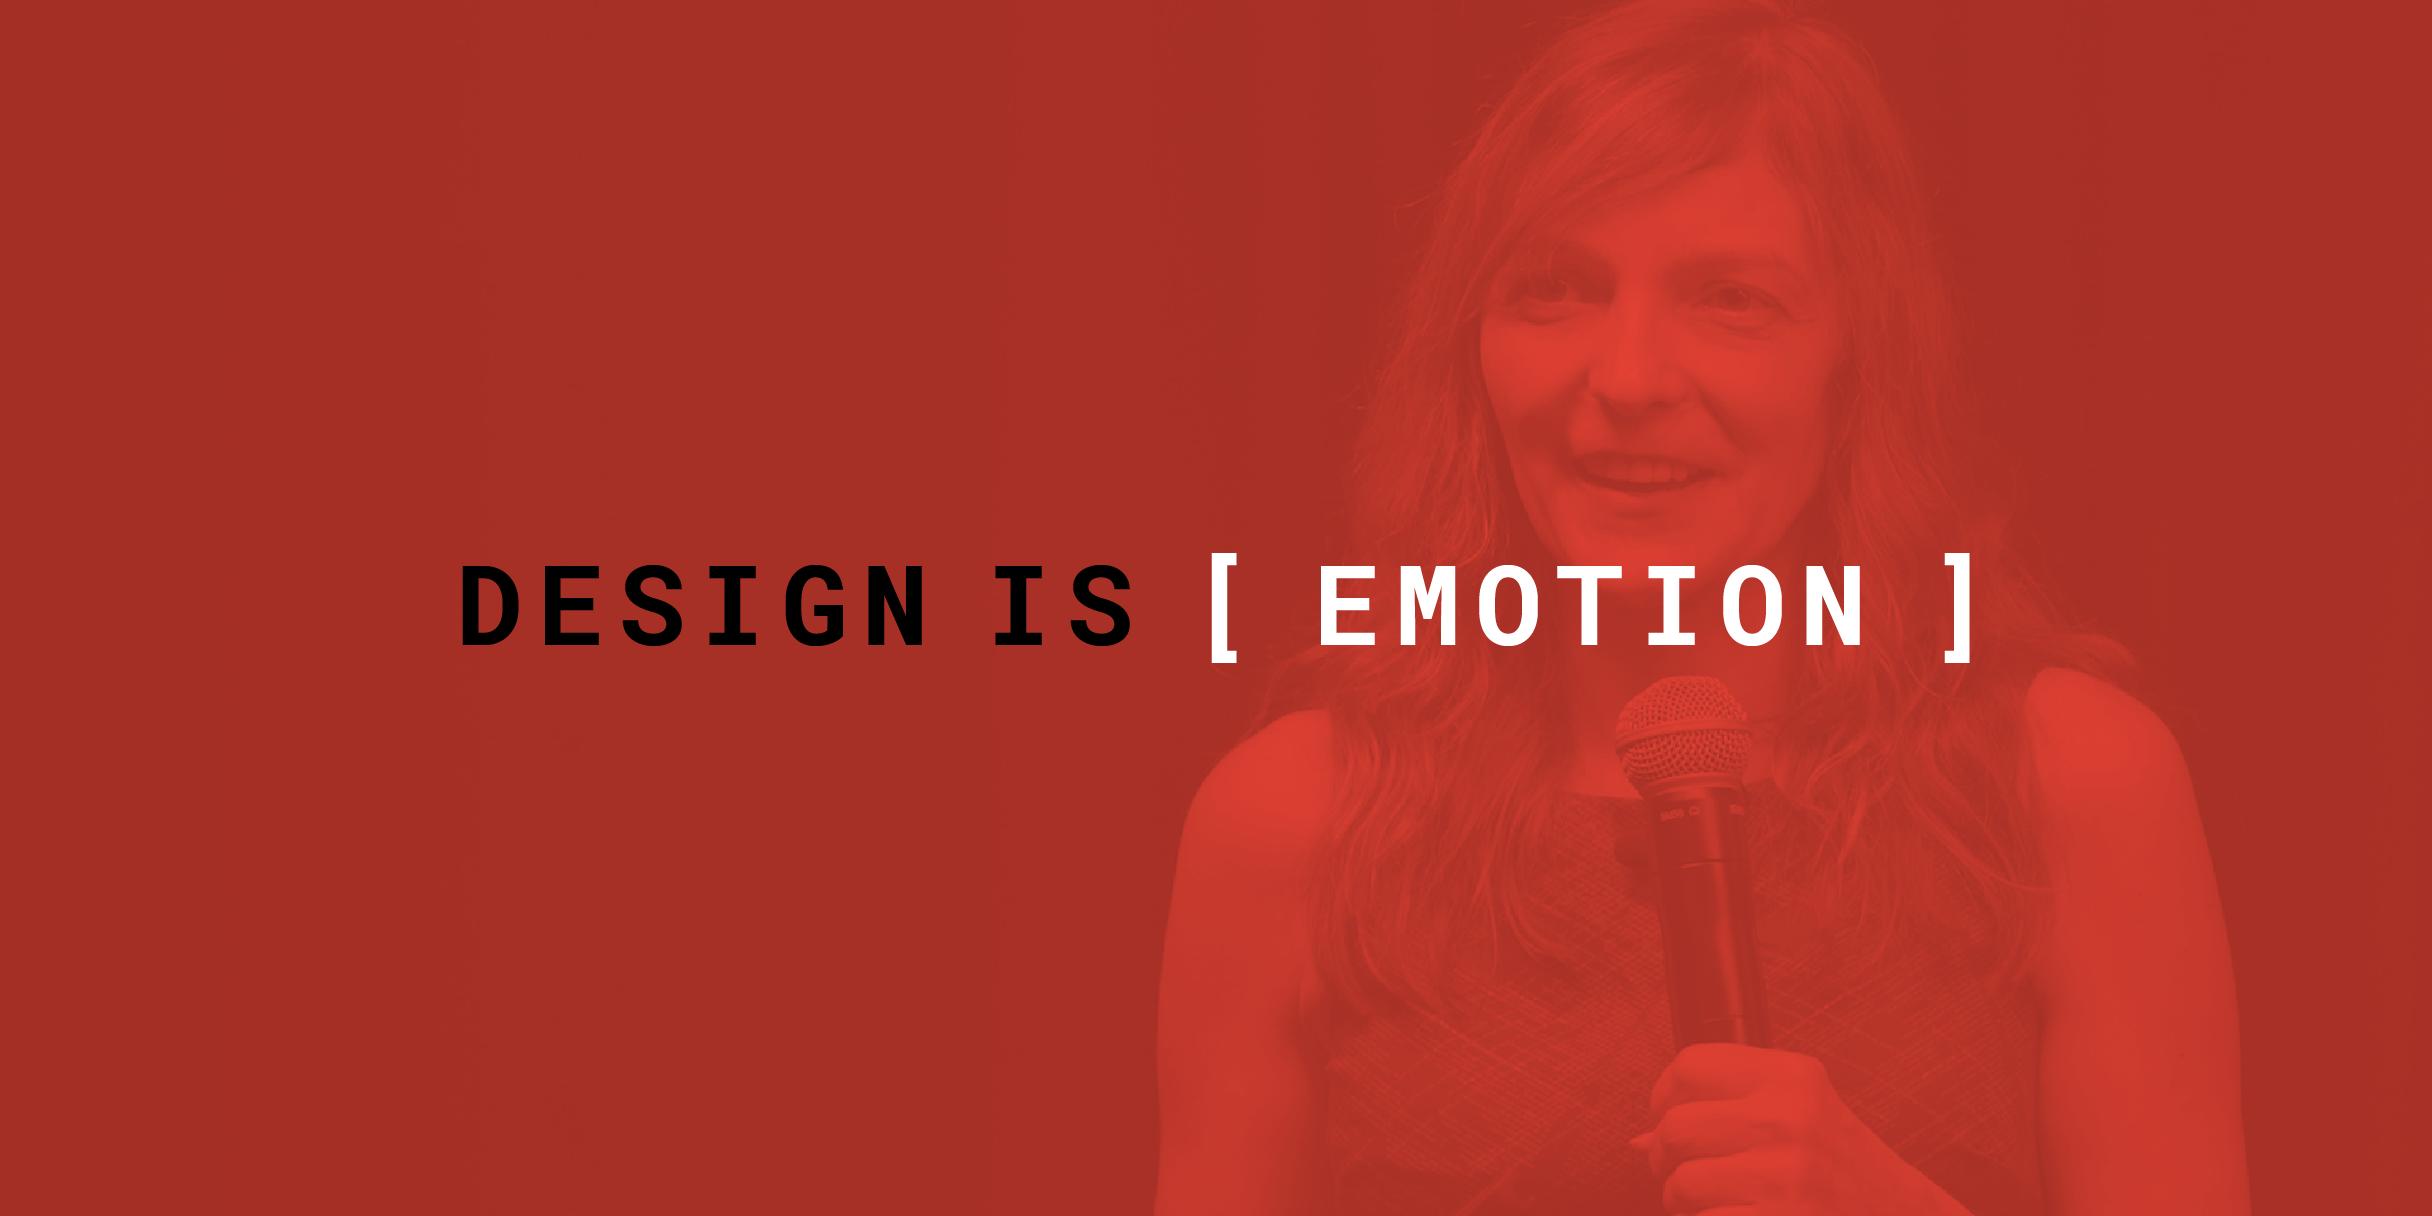 design_is_emotion_2x1.png